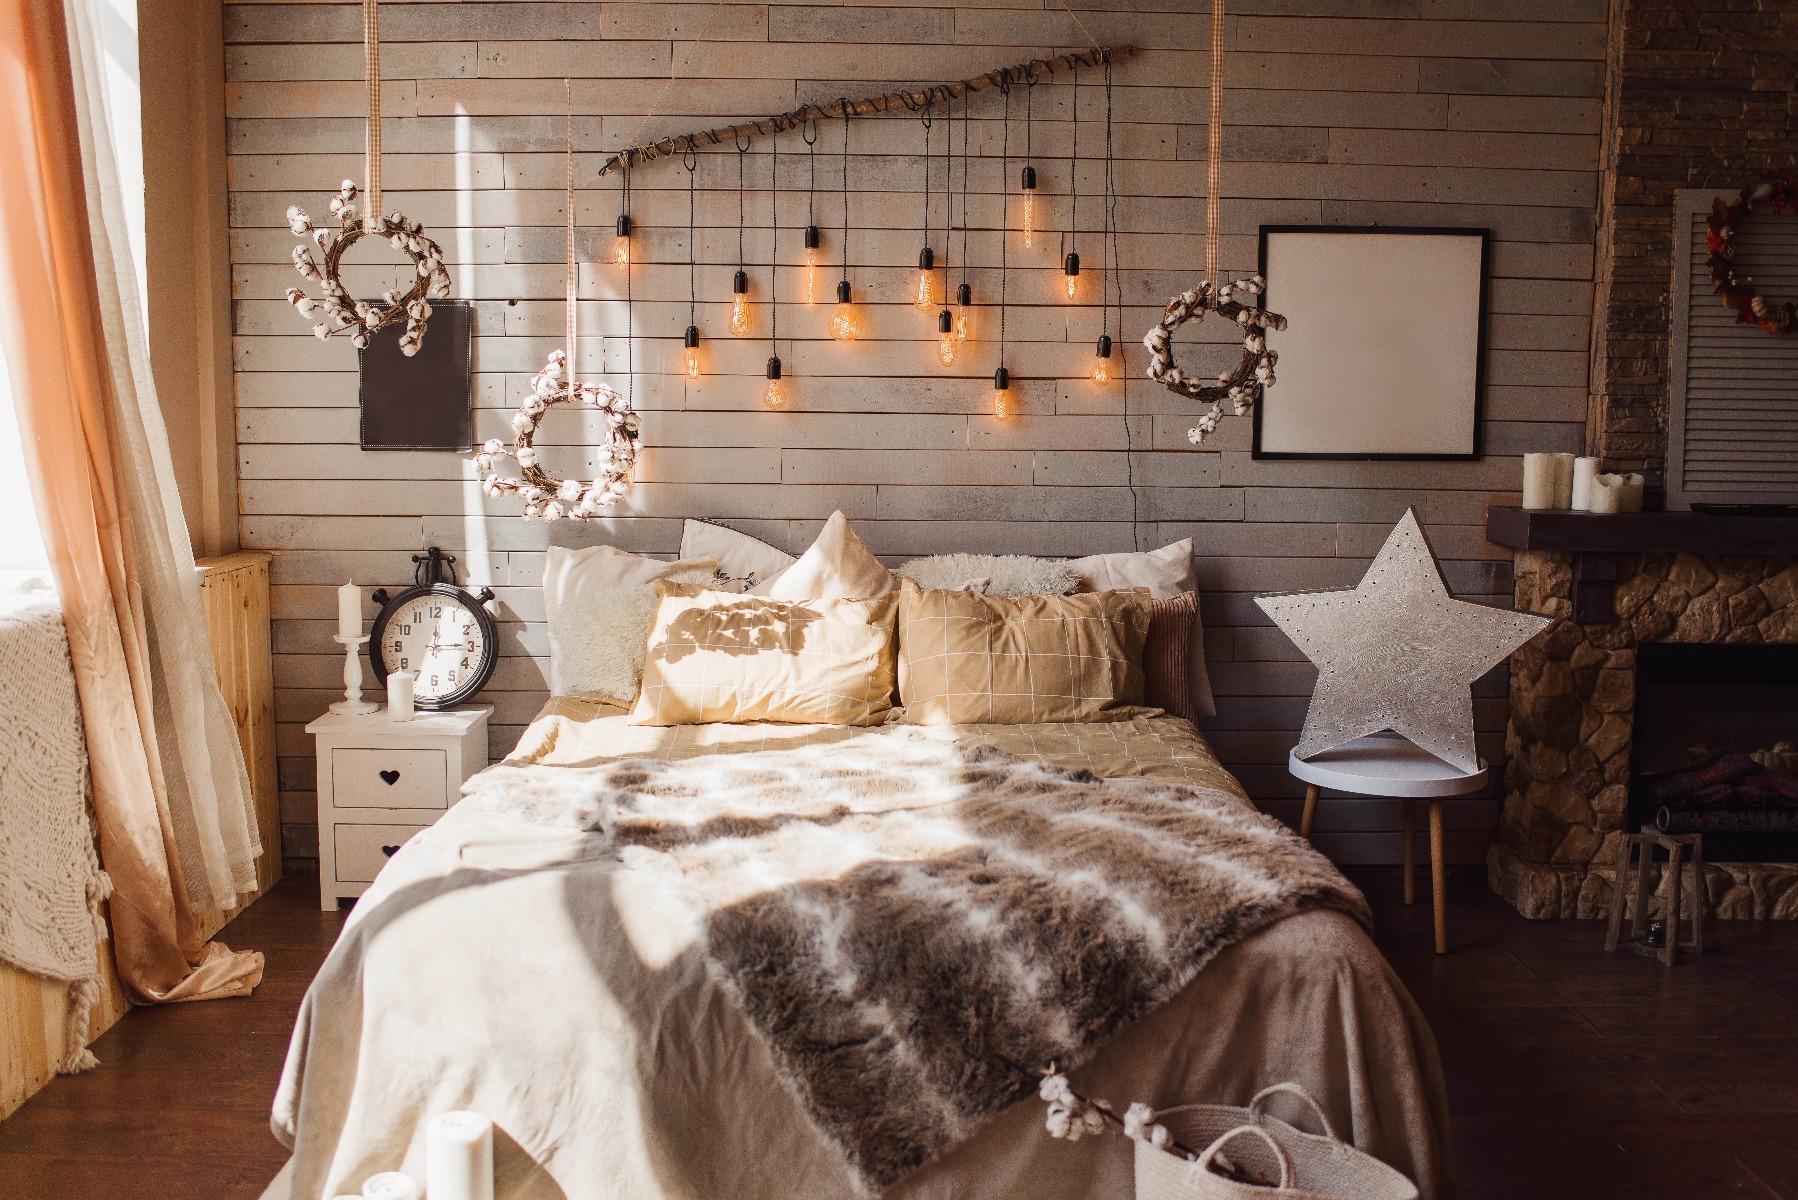 Das Bild zeigt ein Zimmer im Hygge Stil.